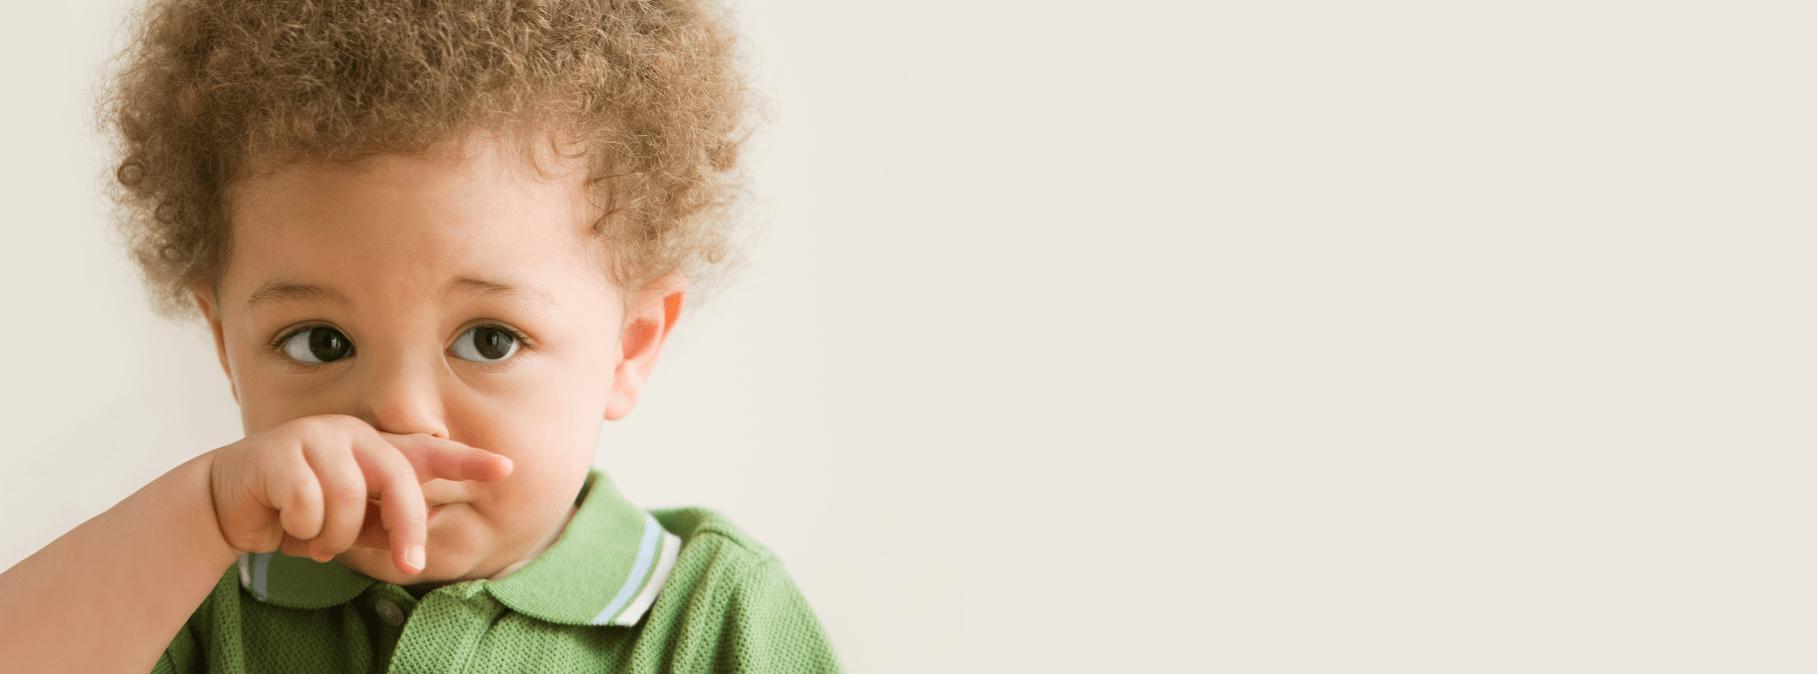 علاج زكام الأطفال بالأعشاب